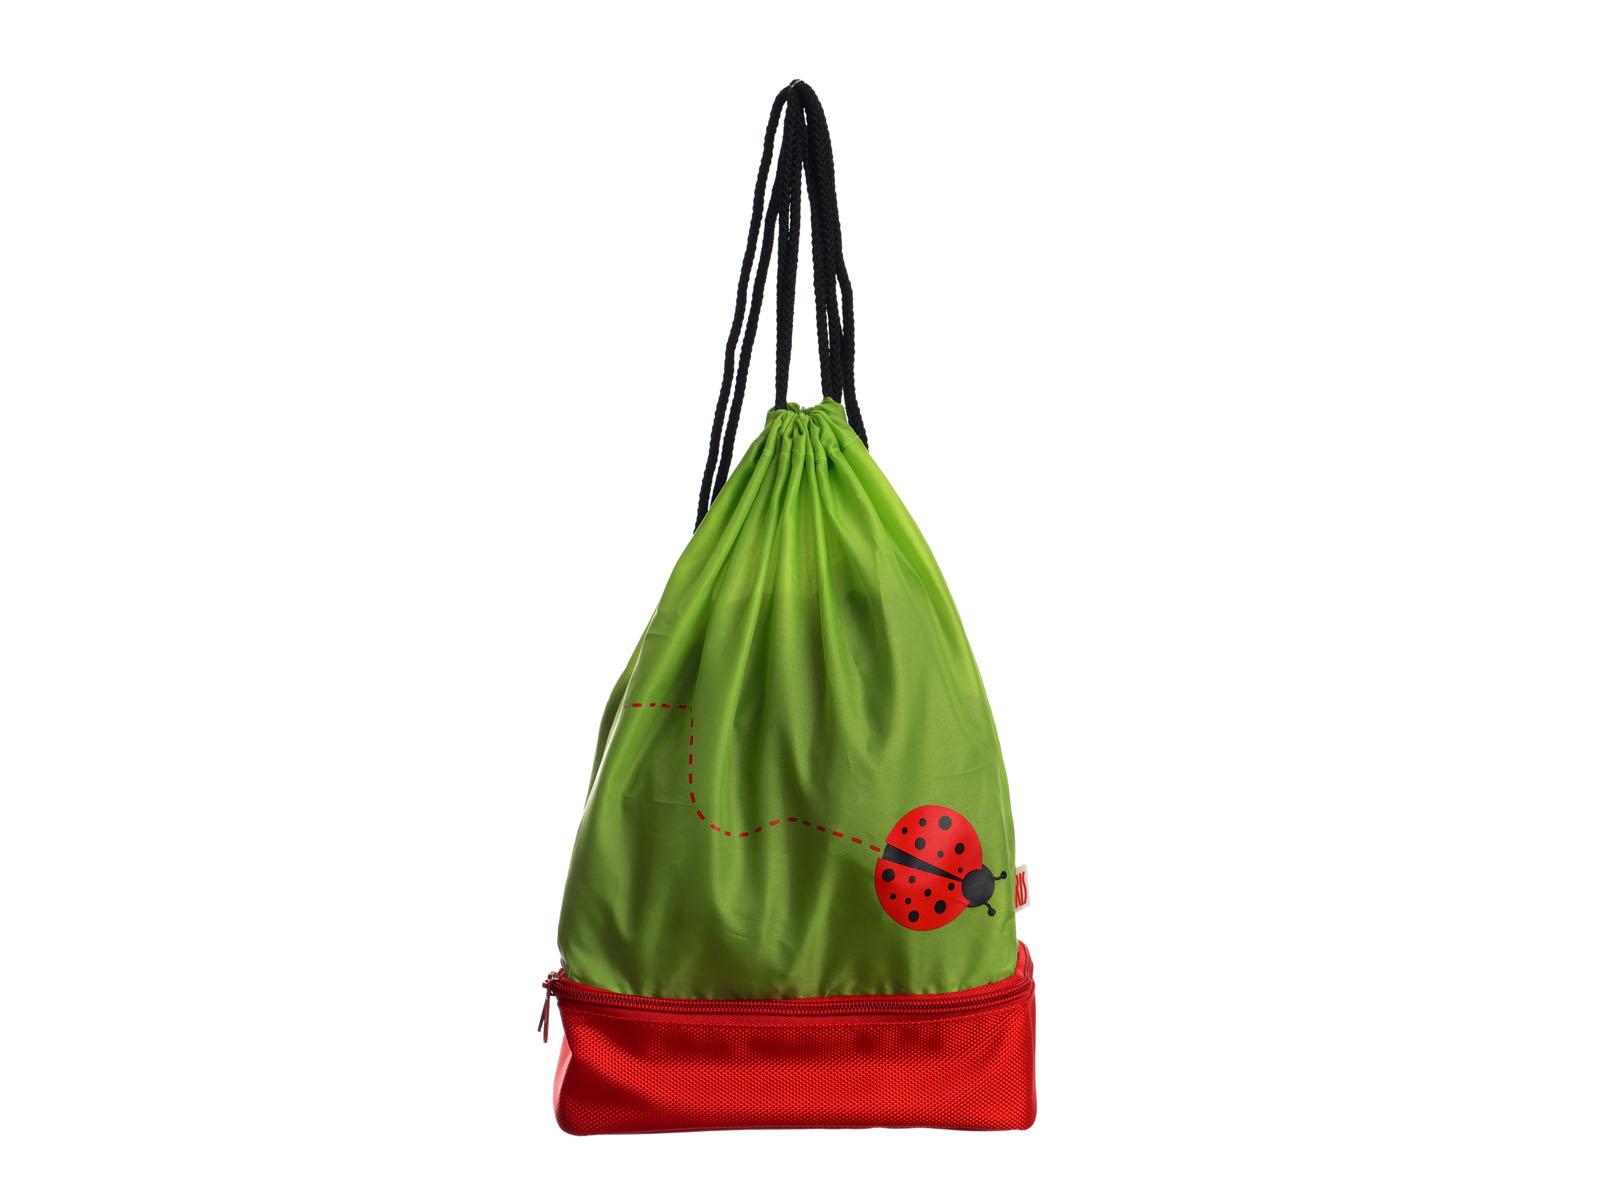 Рюкзак-термоланчбокс Iris Barcelona Snack Rico, цвет: зеленый, красный9927-TIВ рюкзаке Iris Barcelona Snack Rico два-в-одном найдется и место для целого обеда, который соберет заботливая мама, и место для всего, что может понадобиться в любой момент: халата или пижамы, свитера, дождевика, книжек, пенала и многого другого! Нижнее изотермическое отделение обладает большой вместительностью и позволяет взять с собой бутерброды, фрукты и разные сладости, а благодаря специальному сетчатому кармашку ребенок не забудет воспользоваться салфеткой.Можно носить как обычный рюкзак. Благодаря регулировке шнурков, можно выбрать наиболее удобную длину. В комплект входит подарок - забавный брелок для ключей из коллекции Snack Rico.